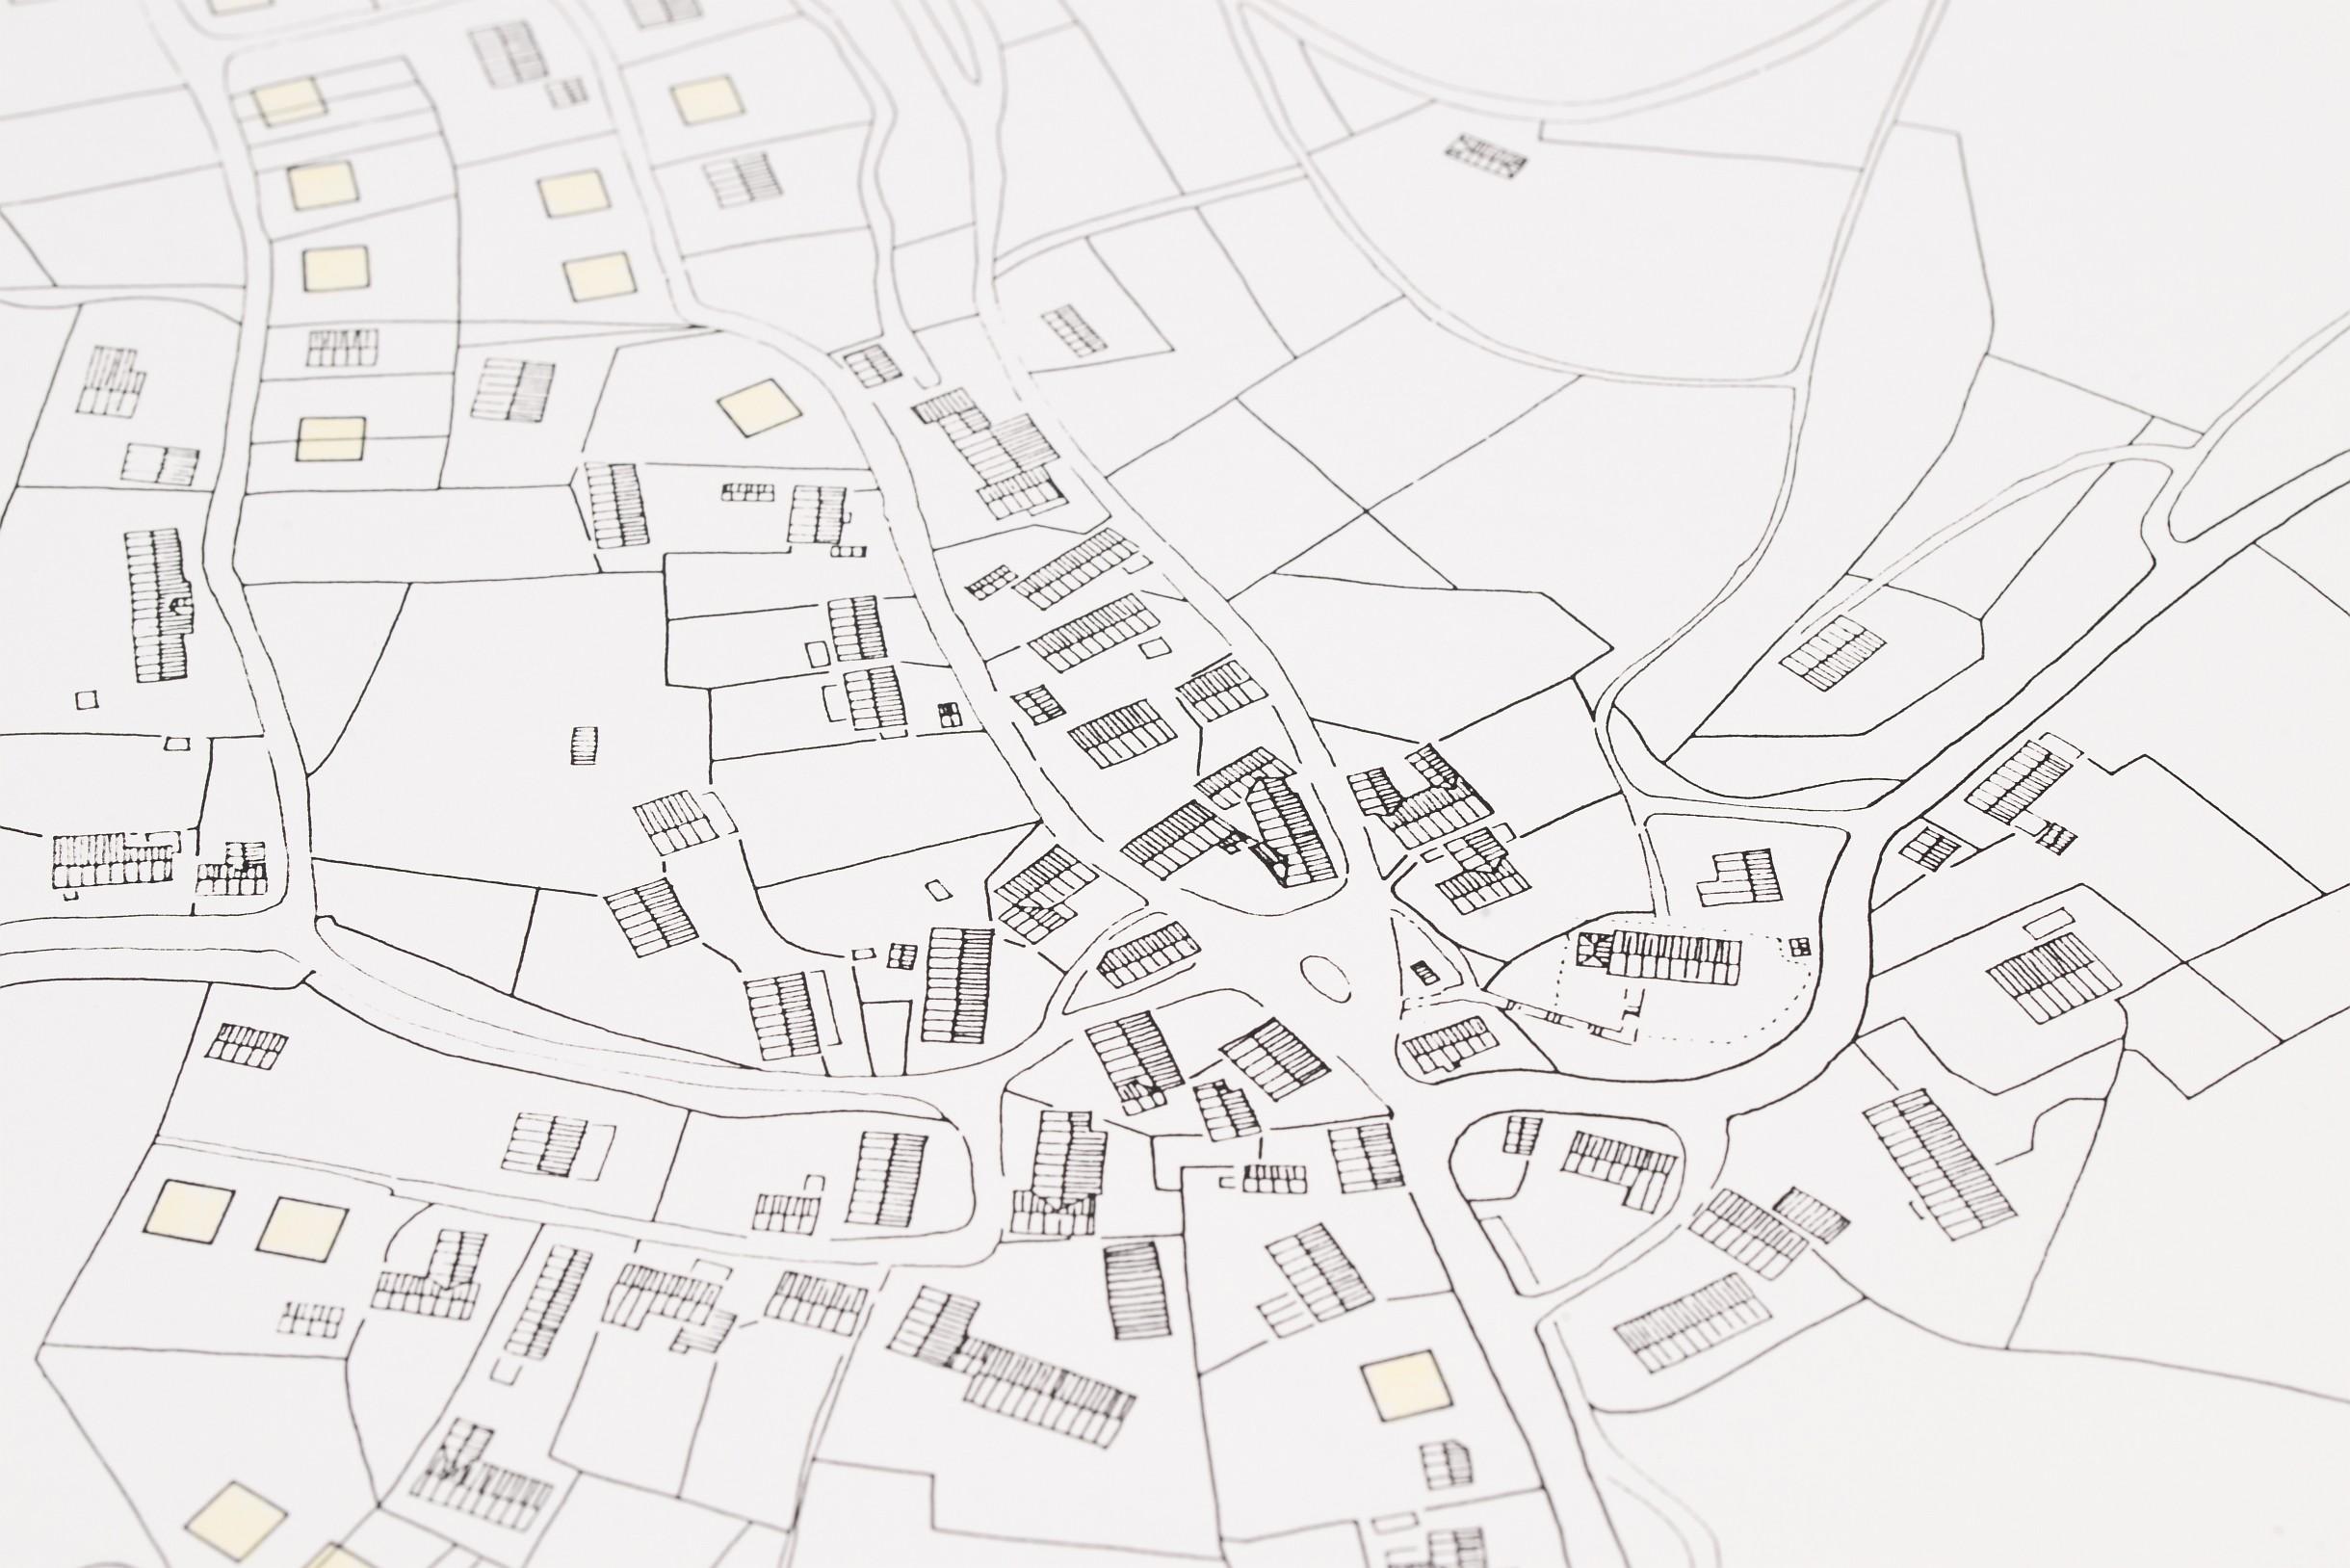 Aandachtspunten stedenbouwkundige aandachtspunten bij een